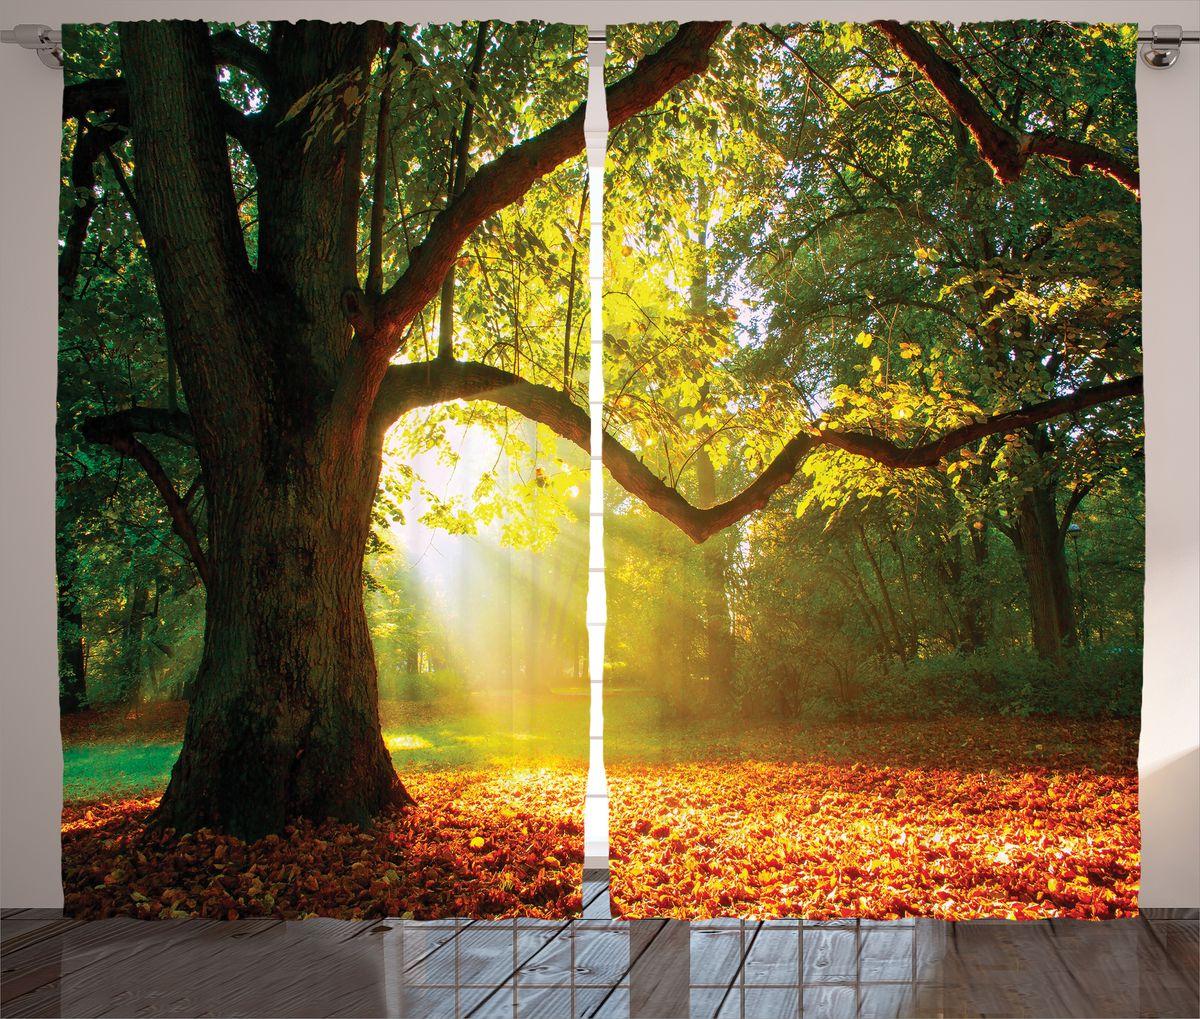 Комплект фотоштор Magic Lady Старое дерево в солнечном свете, на ленте, высота 265 см. шсг_16589шсг_16589Компания Сэмболь изготавливает шторы из высококачественного сатена (полиэстер 100%). При изготовлении используются специальные гипоаллергенные чернила для прямой печати по ткани, безопасные для человека и животных. Экологичность продукции Magic lady и безопасность для окружающей среды подтверждены сертификатом Oeko-Tex Standard 100. Крепление: крючки для крепления на шторной ленте (50 шт). Возможно крепление на трубу. Внимание! При нанесении сублимационной печати на ткань технологическим методом при температуре 240°С, возможно отклонение полученных размеров (указанных на этикетке и сайте) от стандартных на + - 3-5 см. Производитель старается максимально точно передать цвета изделия на фотографиях, однако искажения неизбежны и фактический цвет изделия может отличаться от воспринимаемого по фото. Обратите внимание! Шторы изготовлены из полиэстра сатенового переплетения, а не из сатина (хлопок). Размер одного полотна шторы: 145х265 см. В комплекте 2...